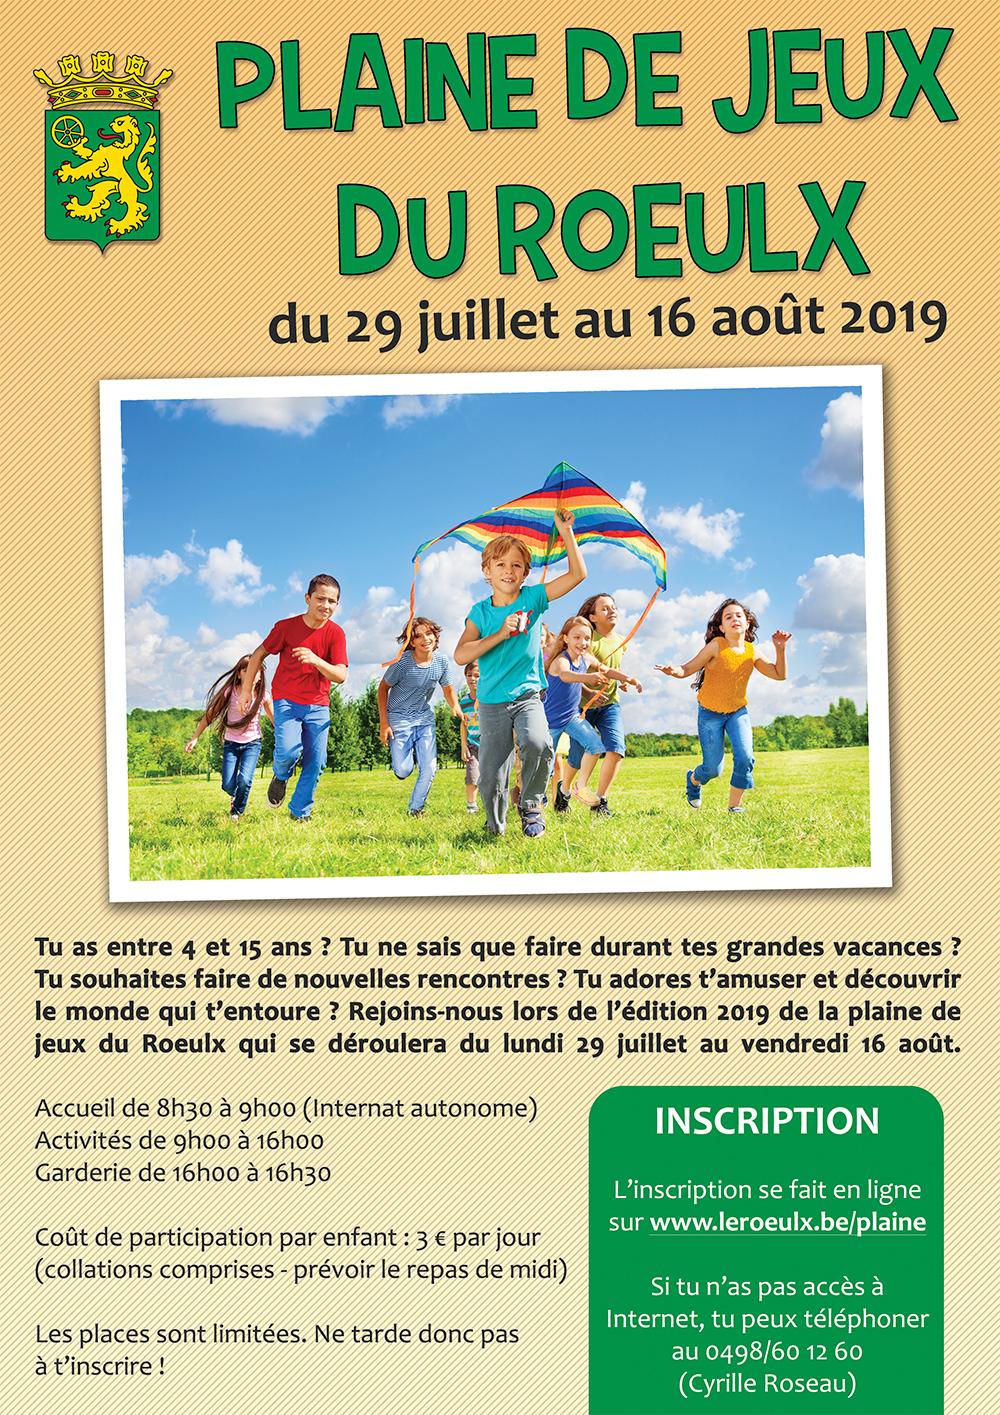 Plaine De Jeux Du Roeulx - Du 29 Juillet Au 16 Août 2019 dedans Jeux Enfant 3 Ans En Ligne